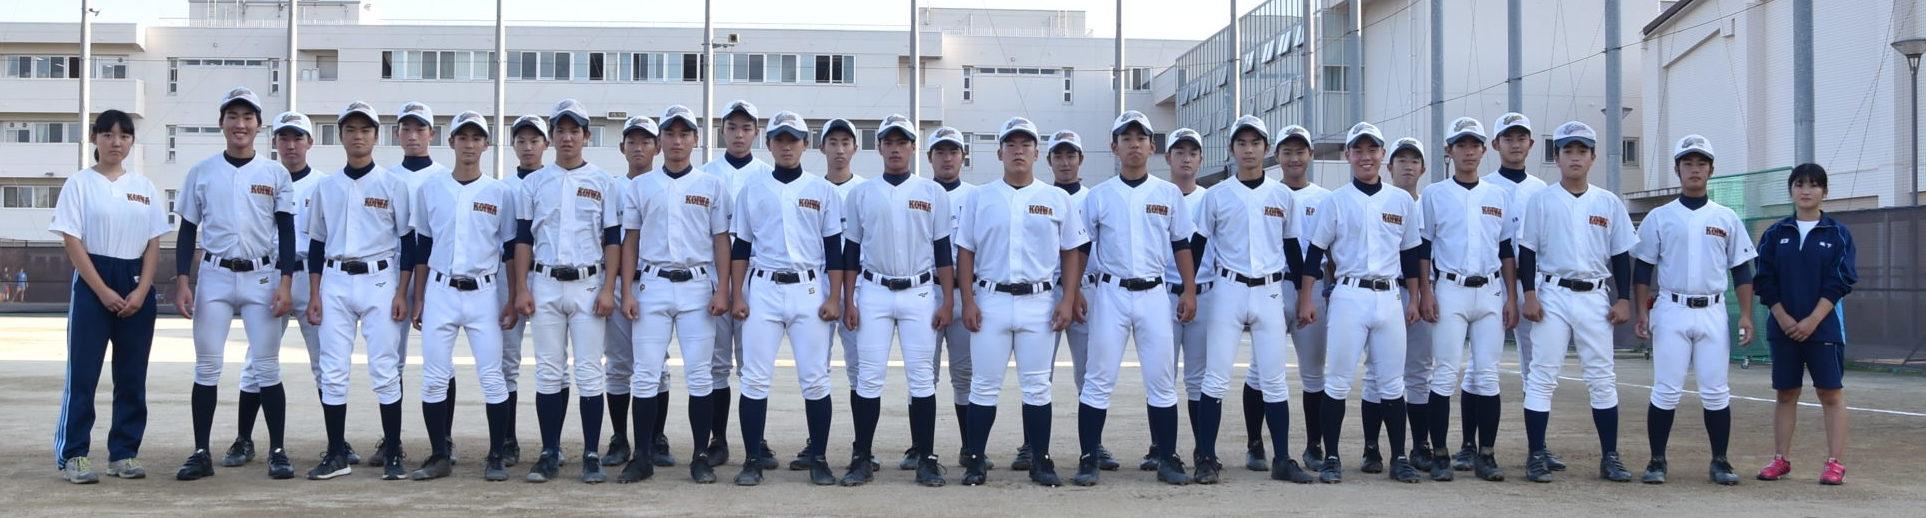 【小岩 野球部】「都立の挑戦状」#小岩高校